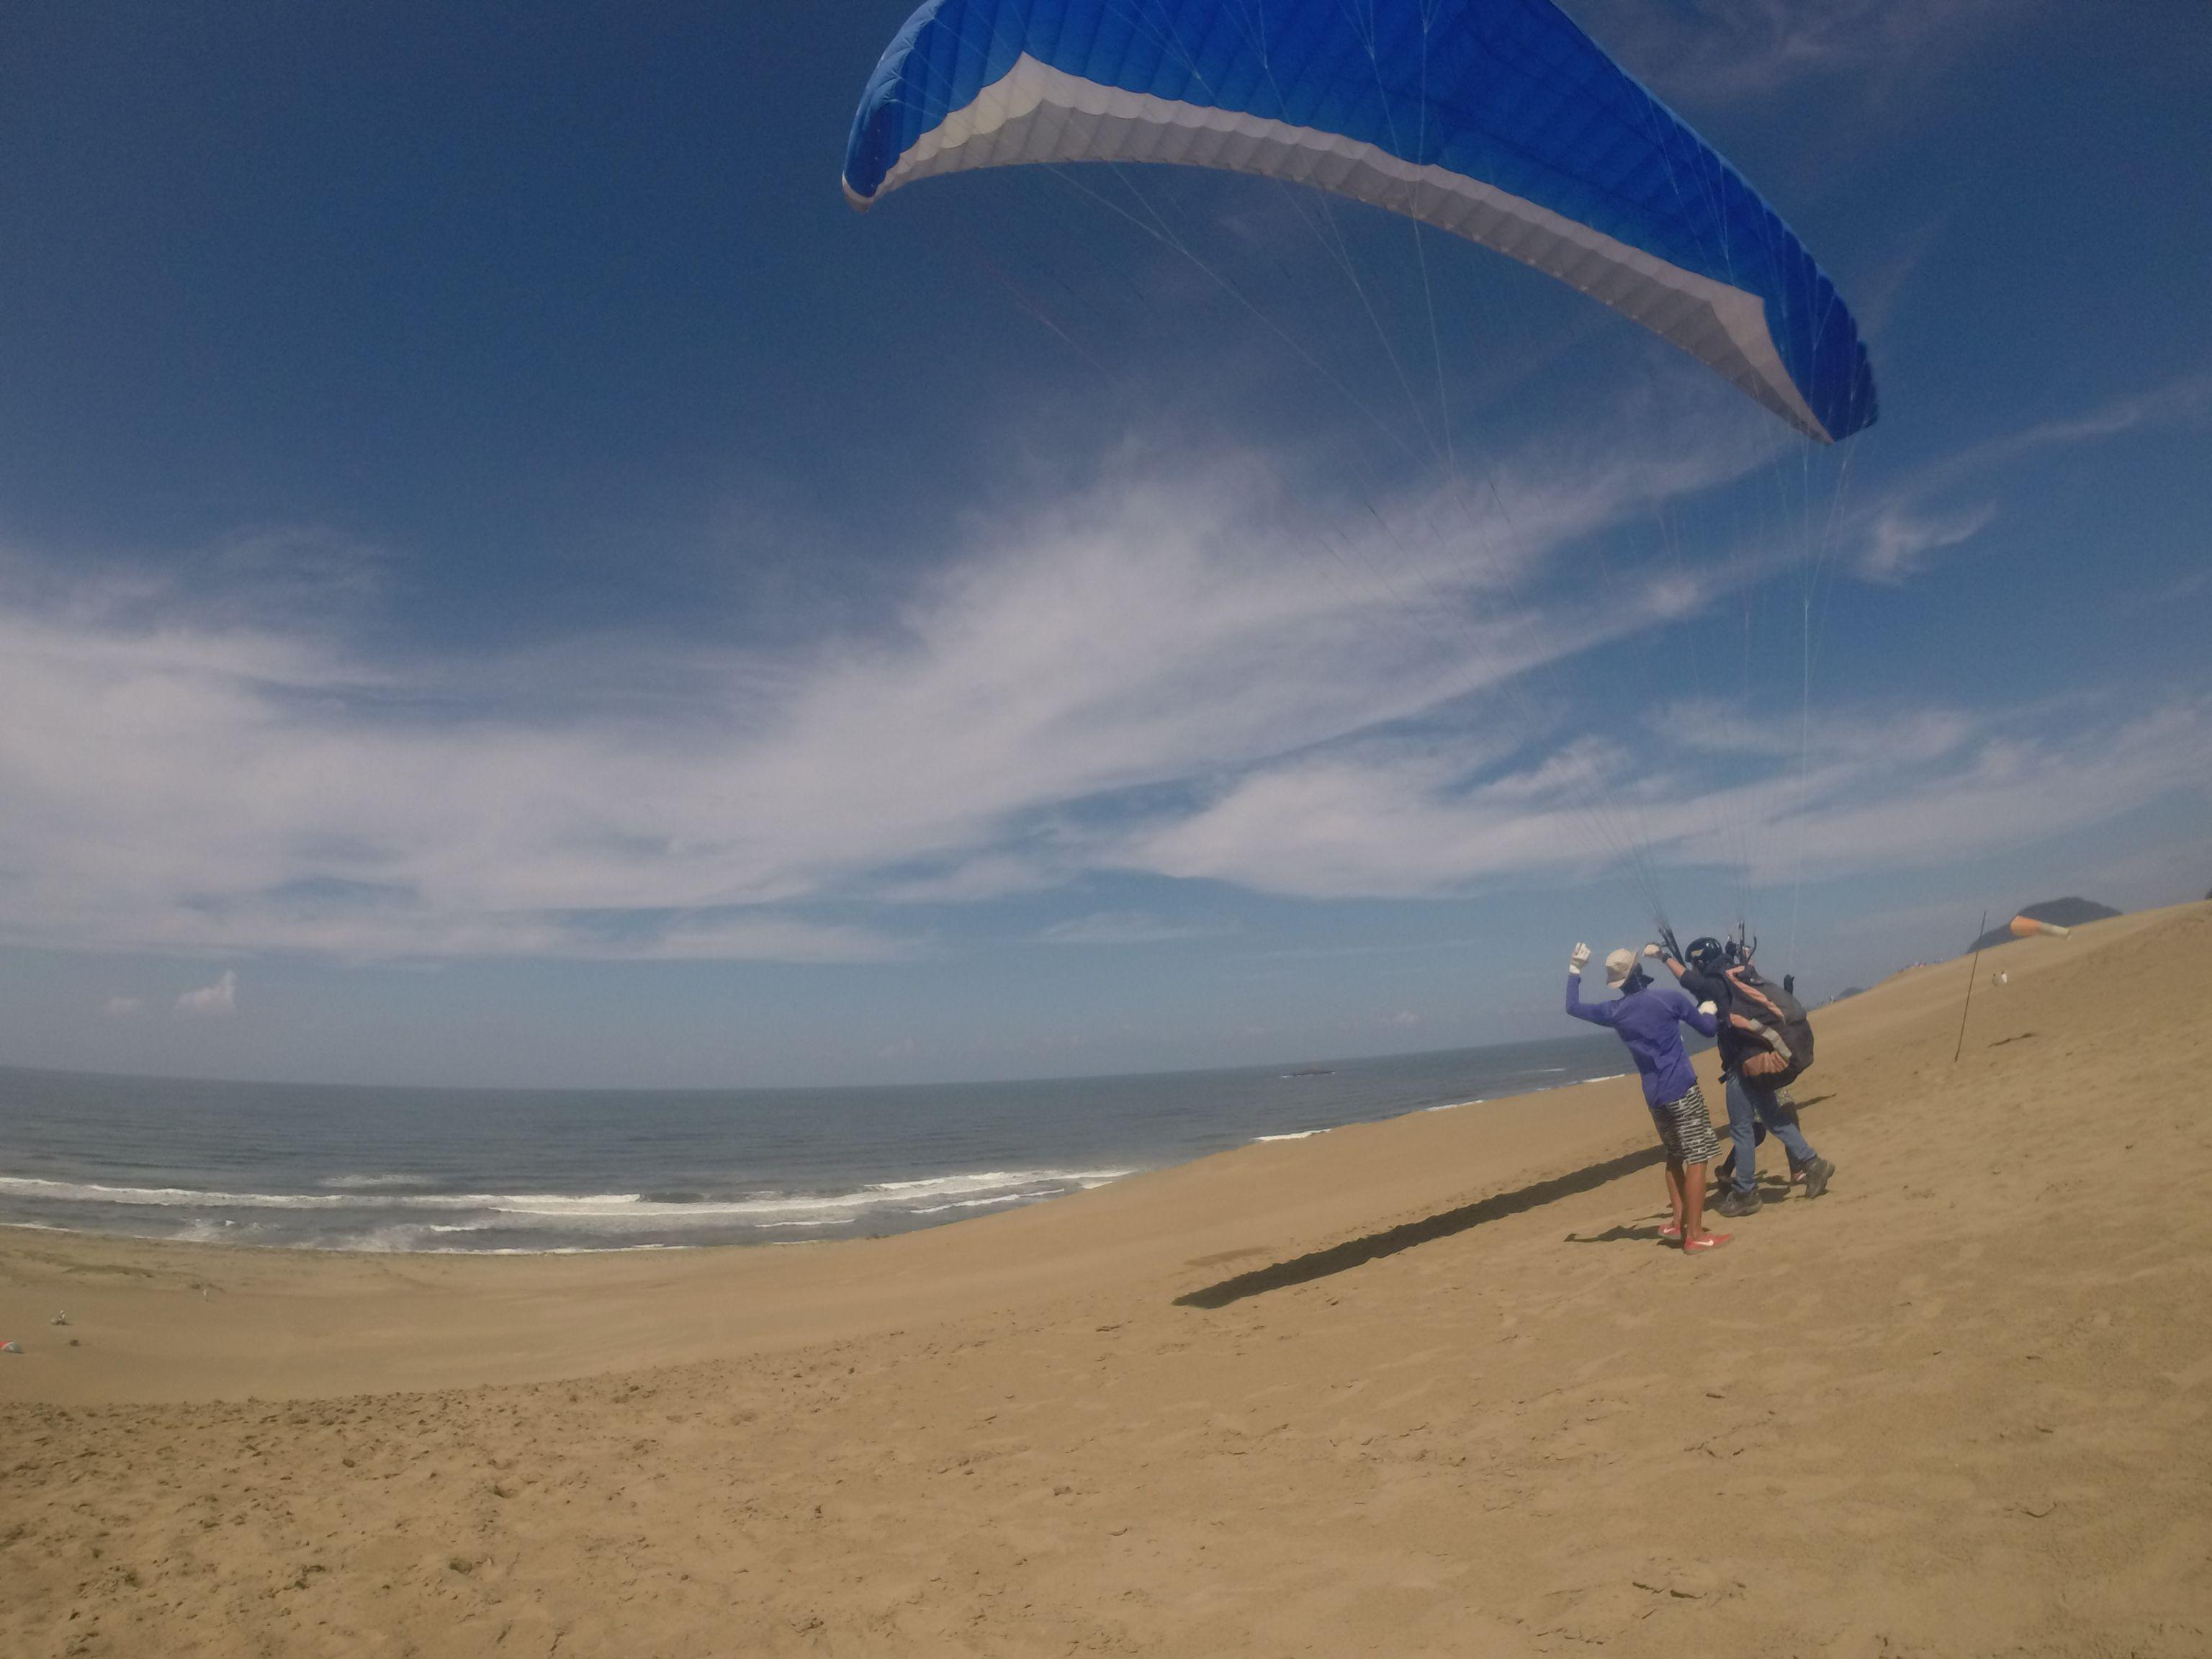 やや風速アップしましたが、追い風飛行でゆるりフライト